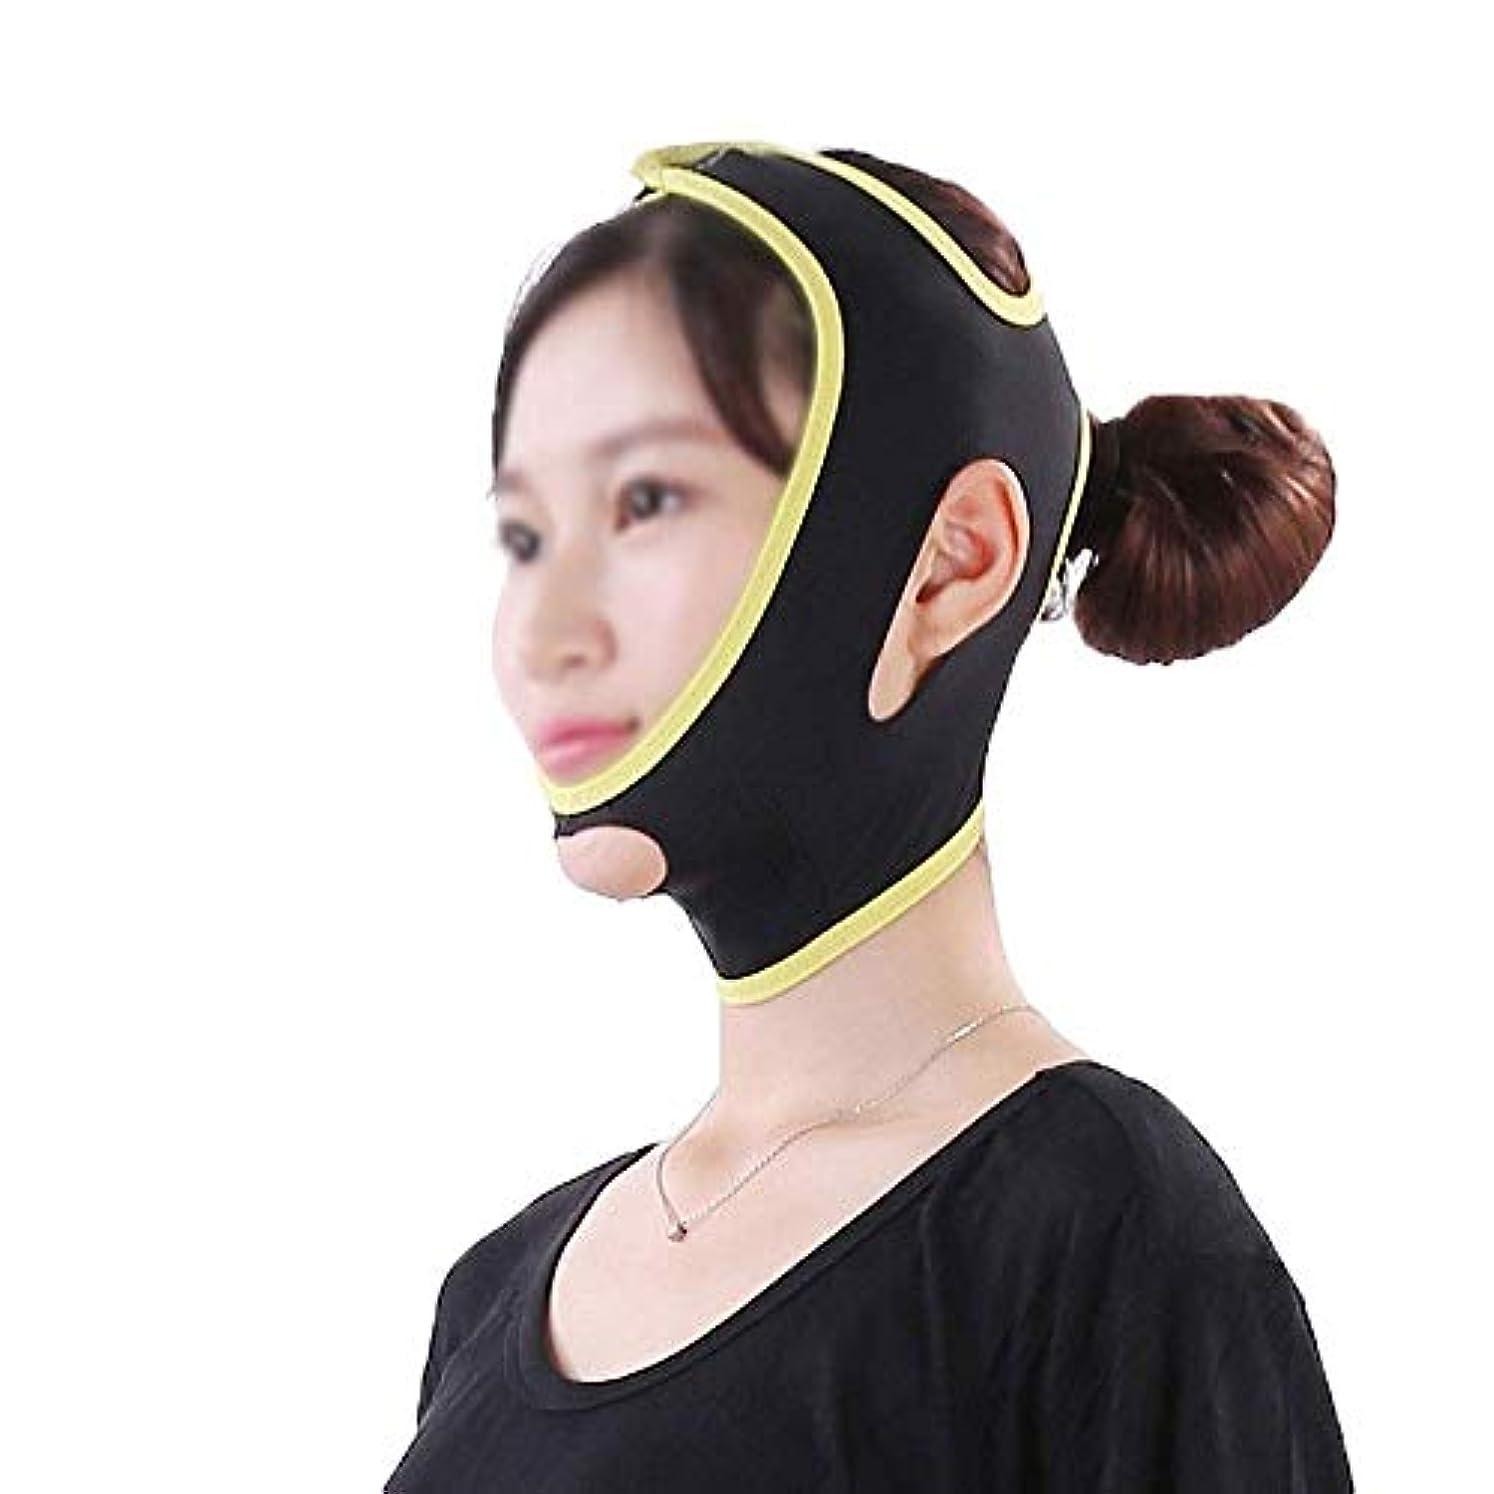 アナログ行く日没フェイス&ネックリフト、フェイスリフトマスク強力なフェイスマスクフェイスリフトアーチファクトフェイスリフティングフェイスリフティングツールフェイスリフティング包帯シンフェイスマスク美容マスク(サイズ:L)